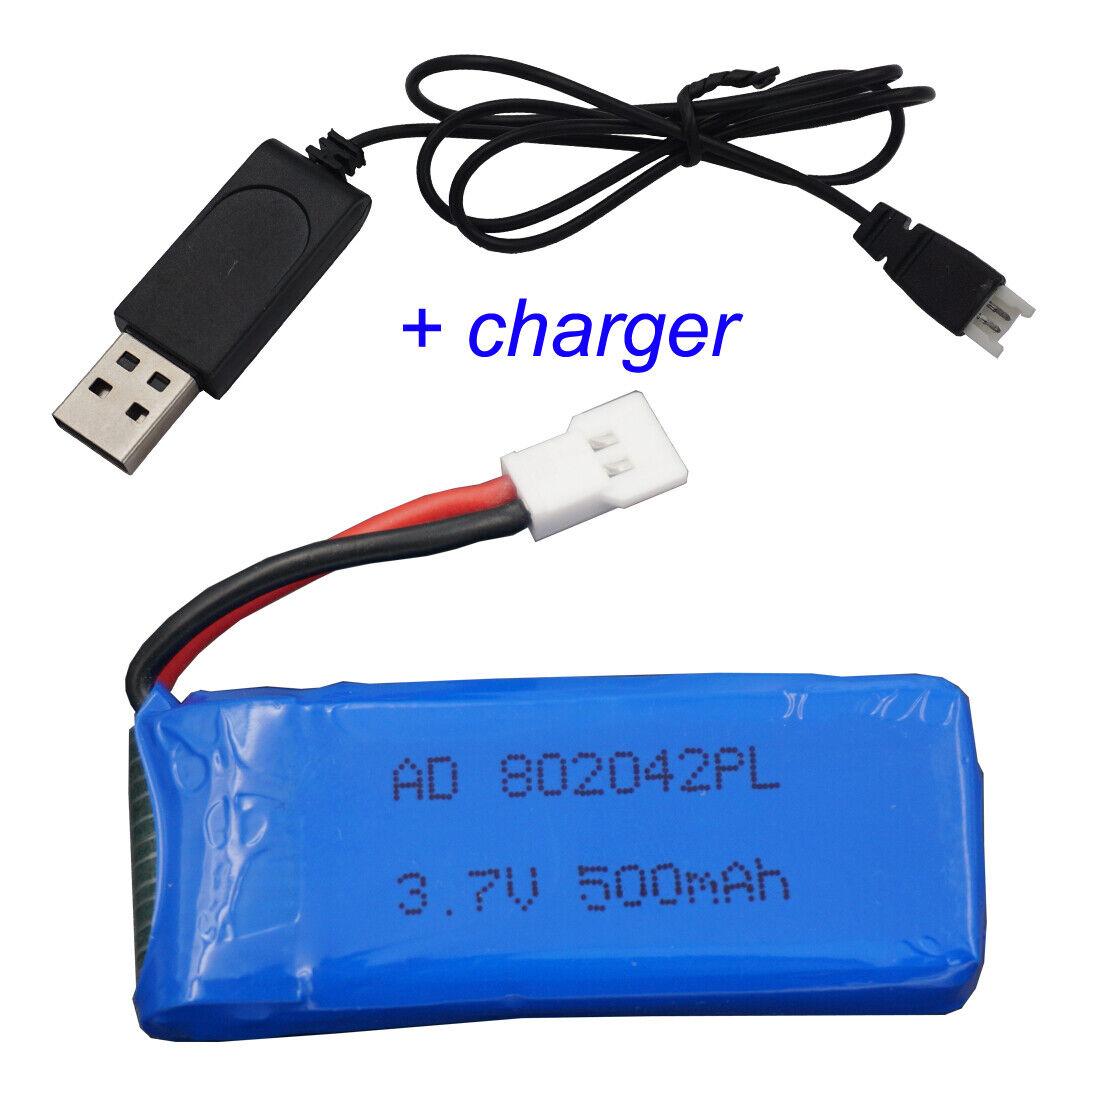 3.7V 500 mAh 25C 802042 Li-Po battery for Hubsan X4 H107L, H107C, H107D RC Drone